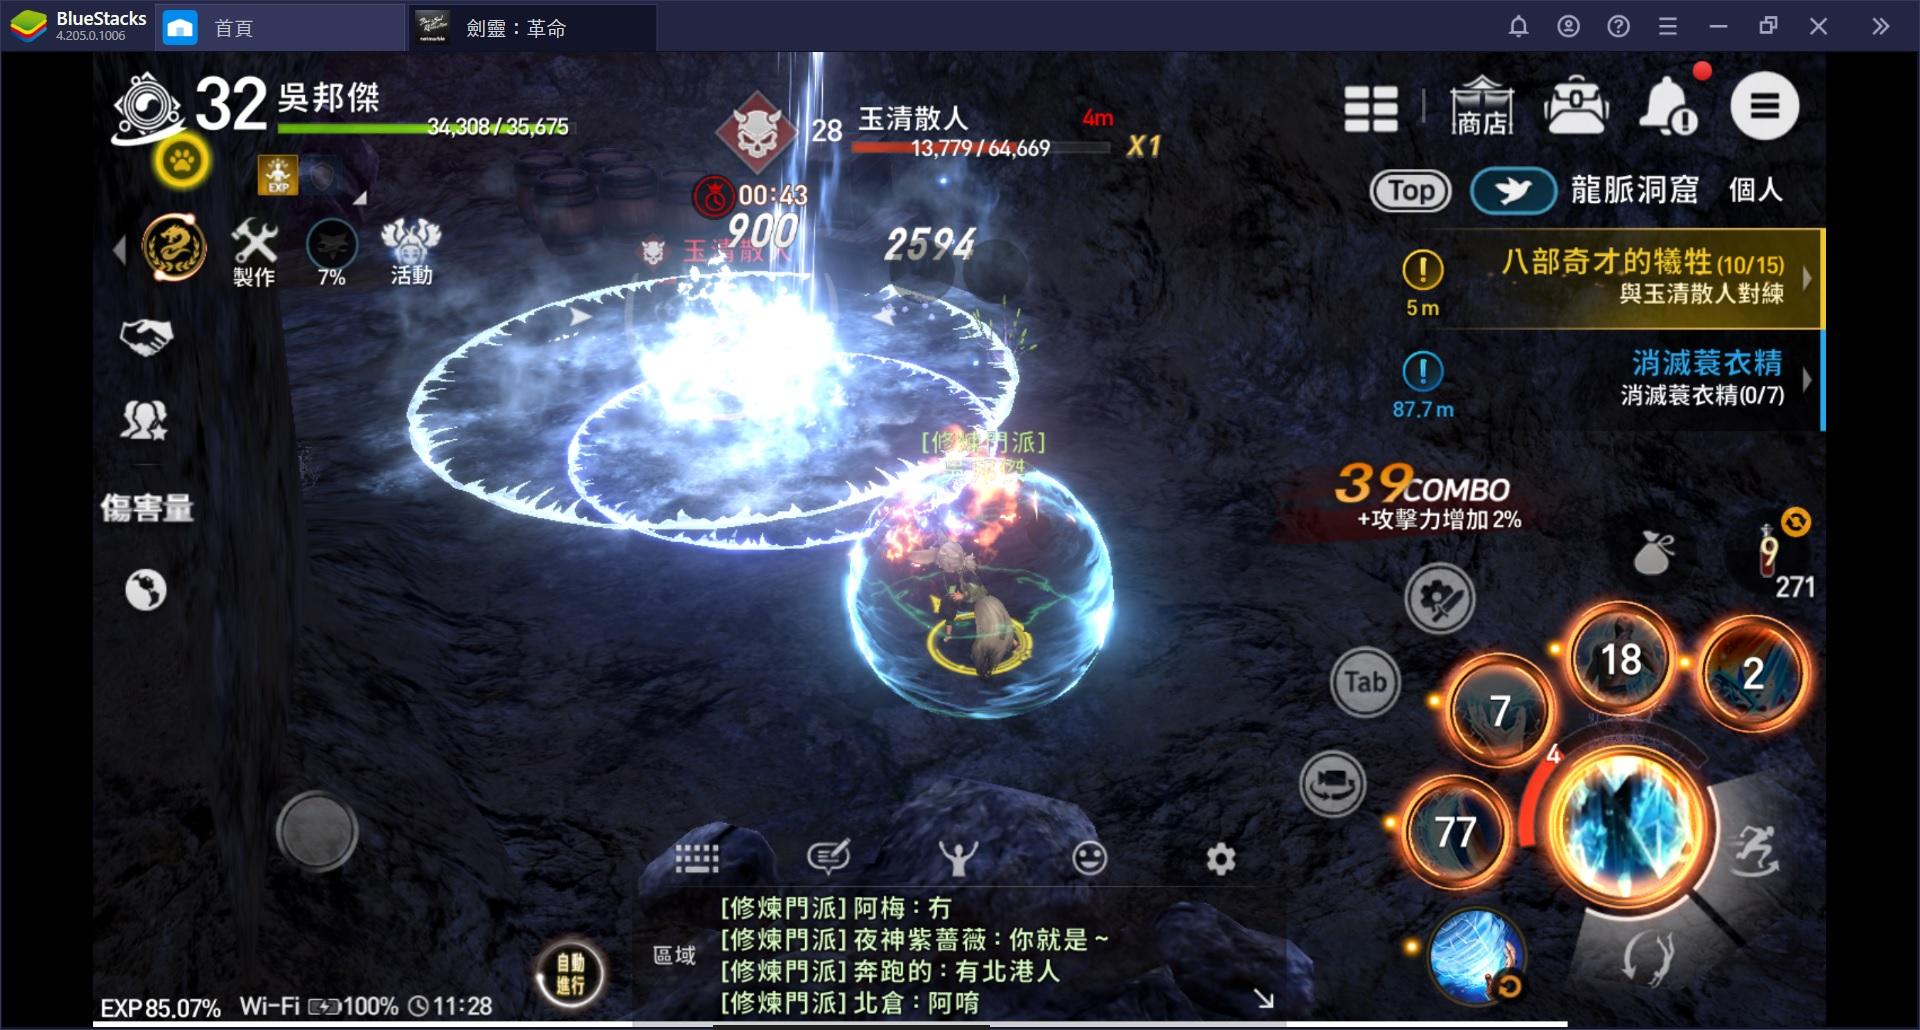 《劍靈:革命》新手極速升級攻略